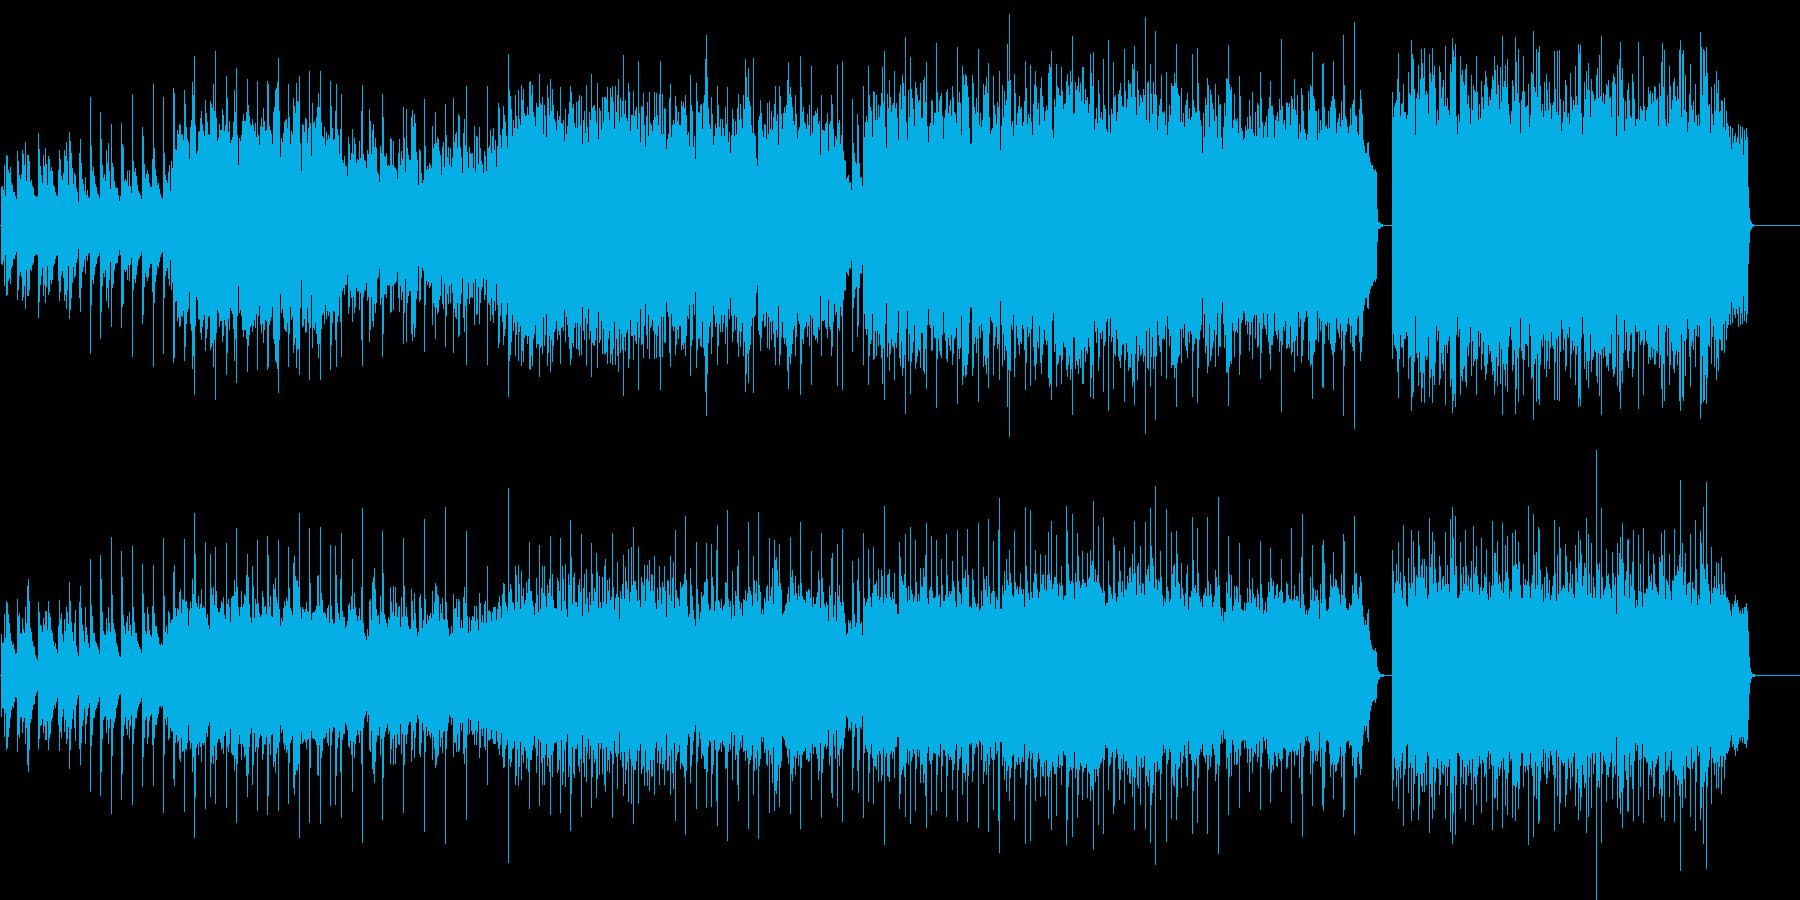 爽やかな風を感じるピアノBGMの再生済みの波形